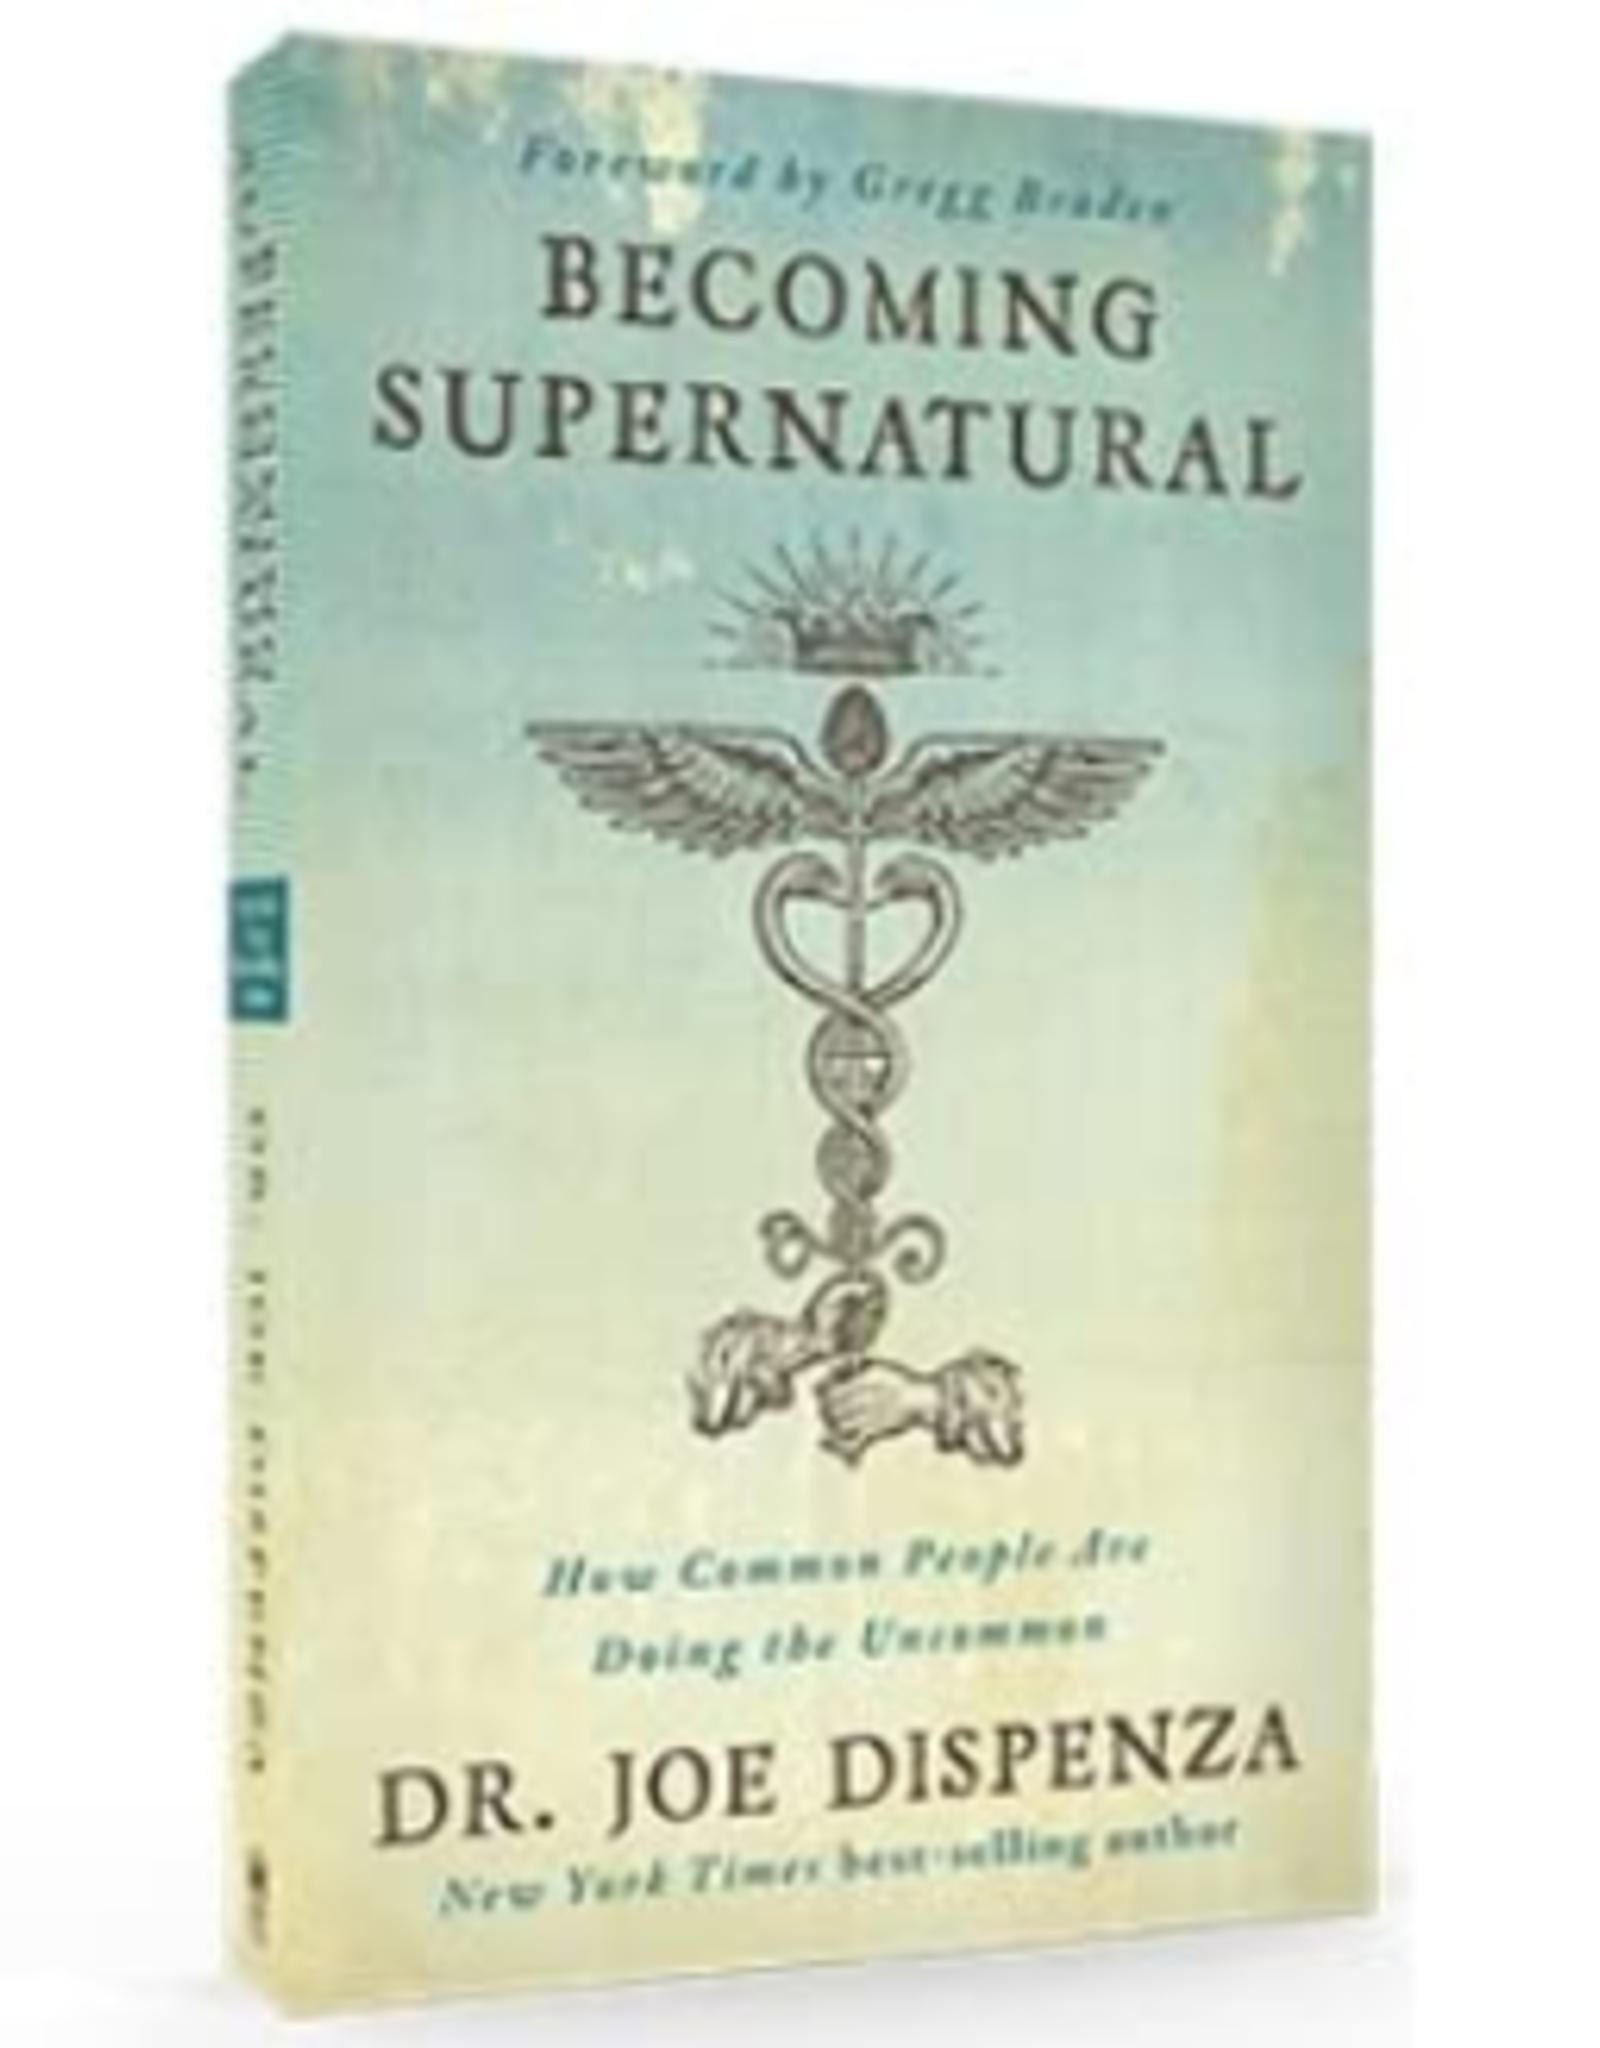 Becoming Supernatrual